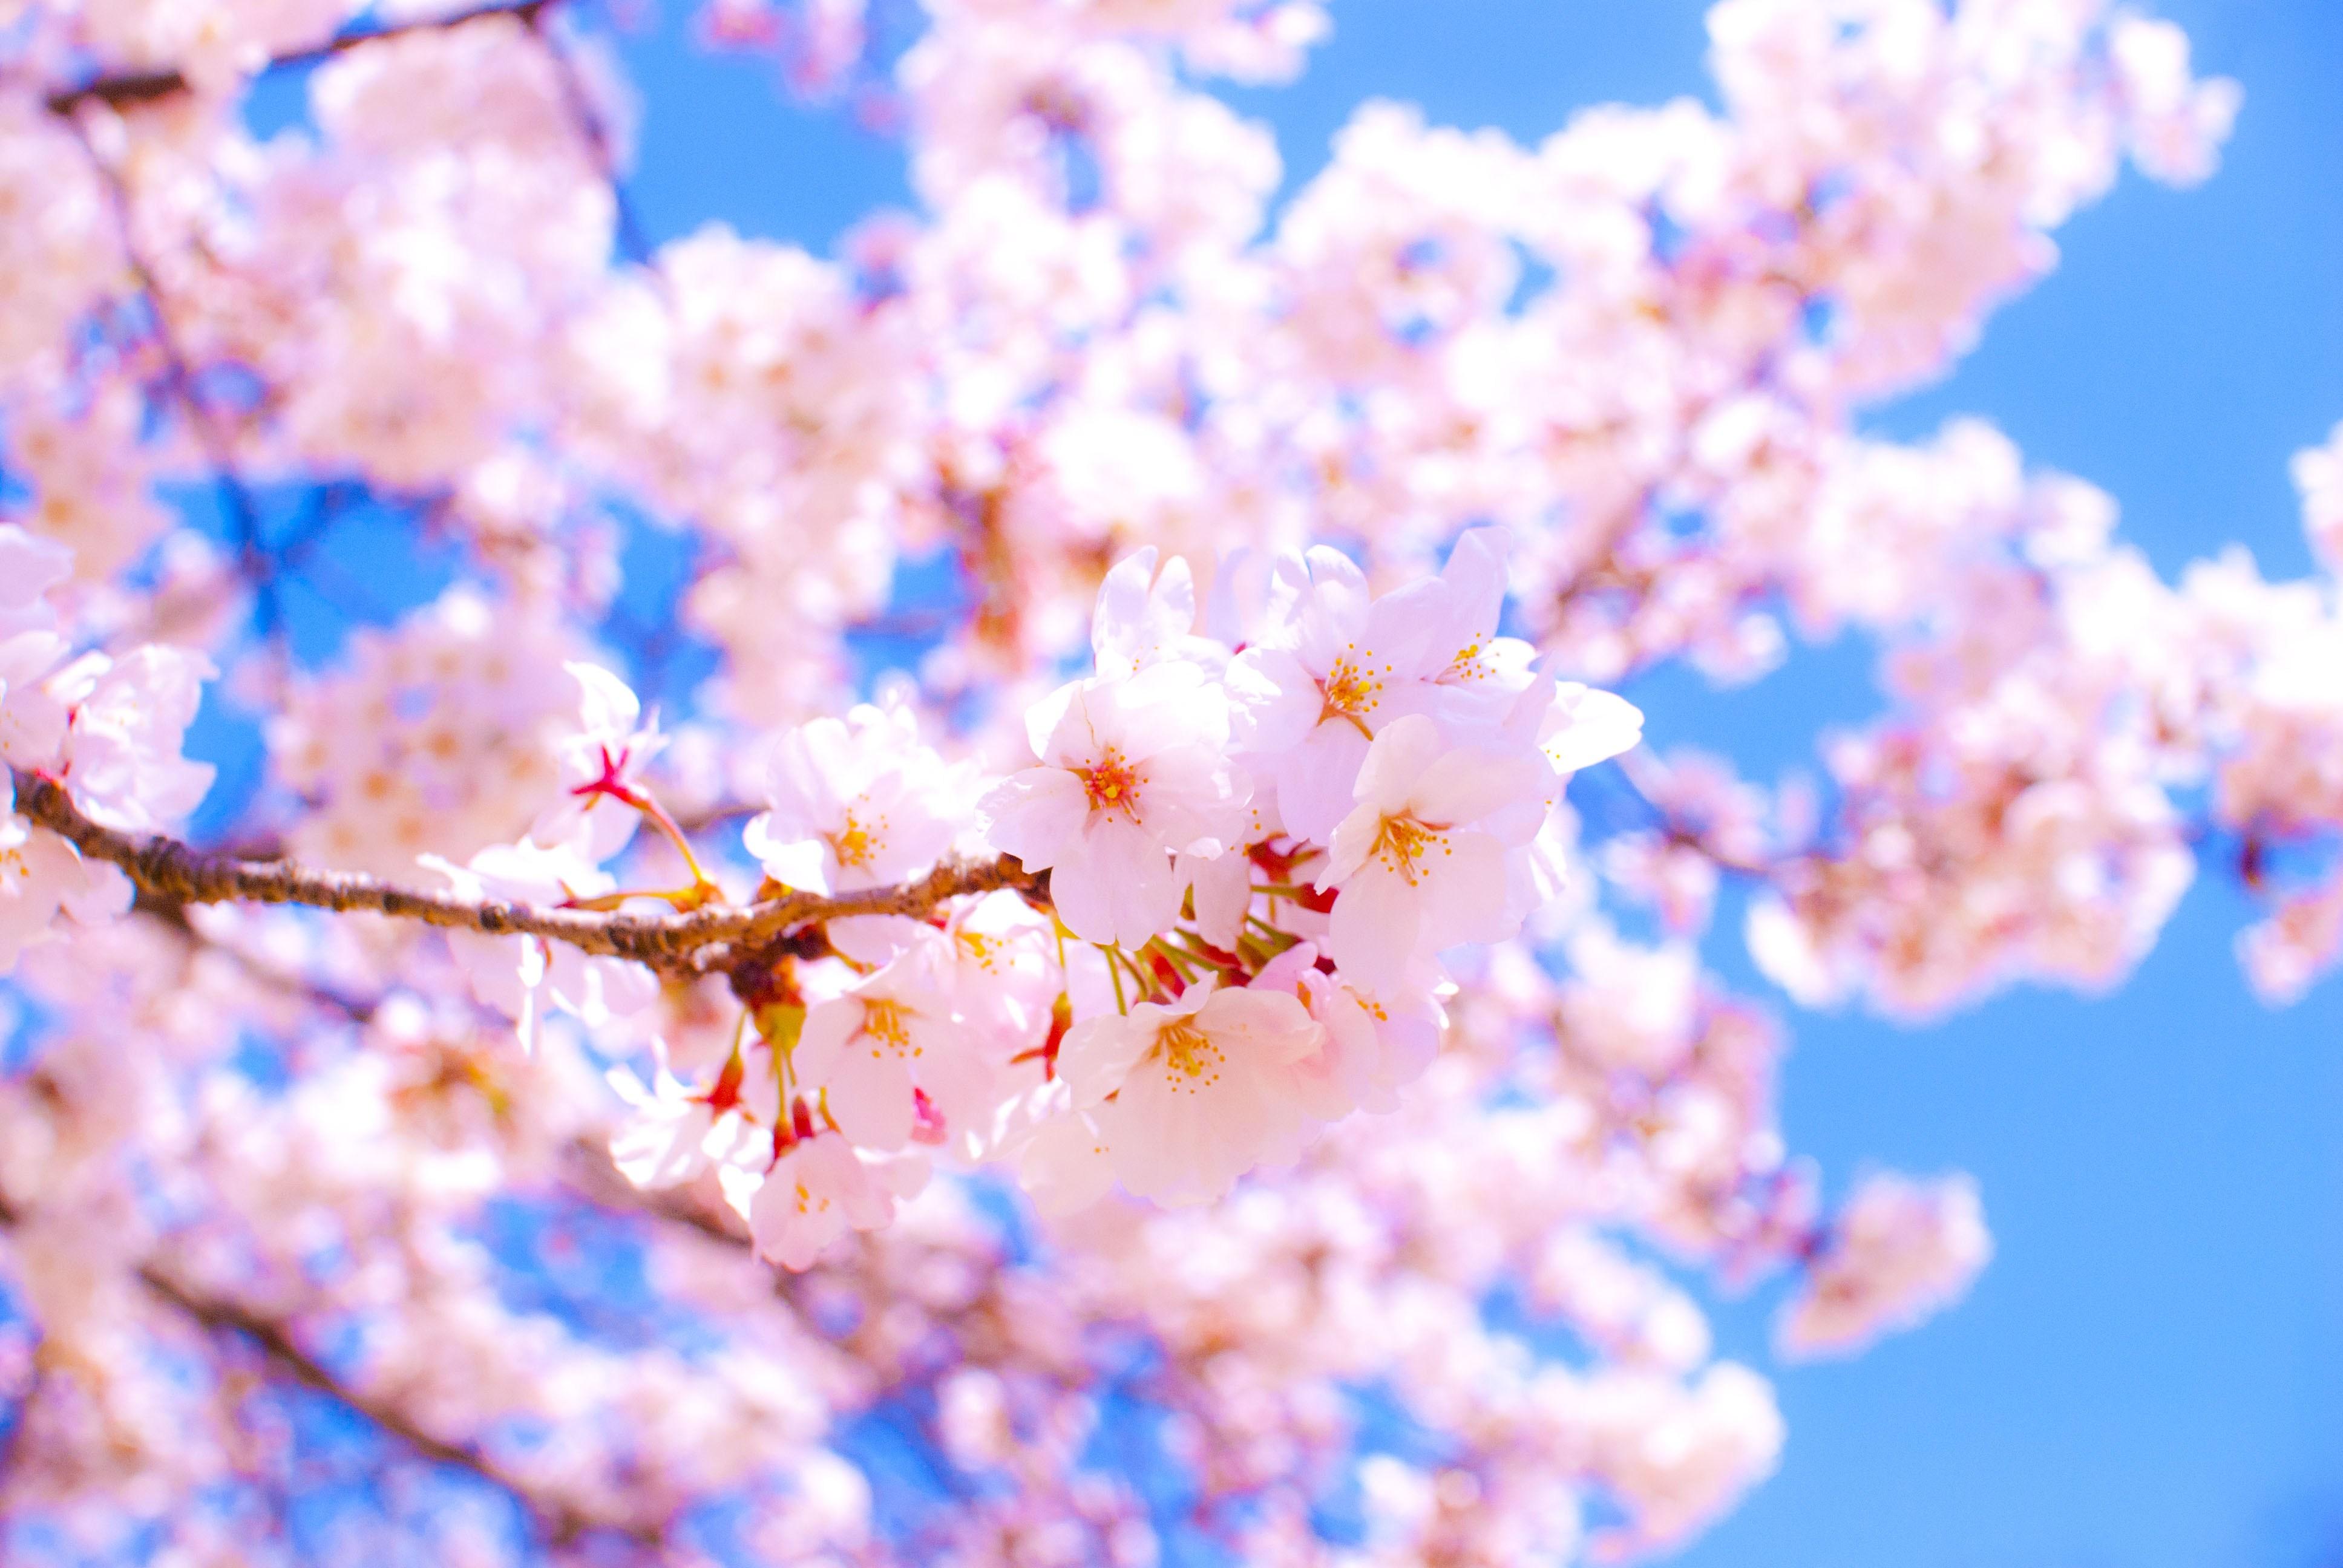 やっと春ですね・・・